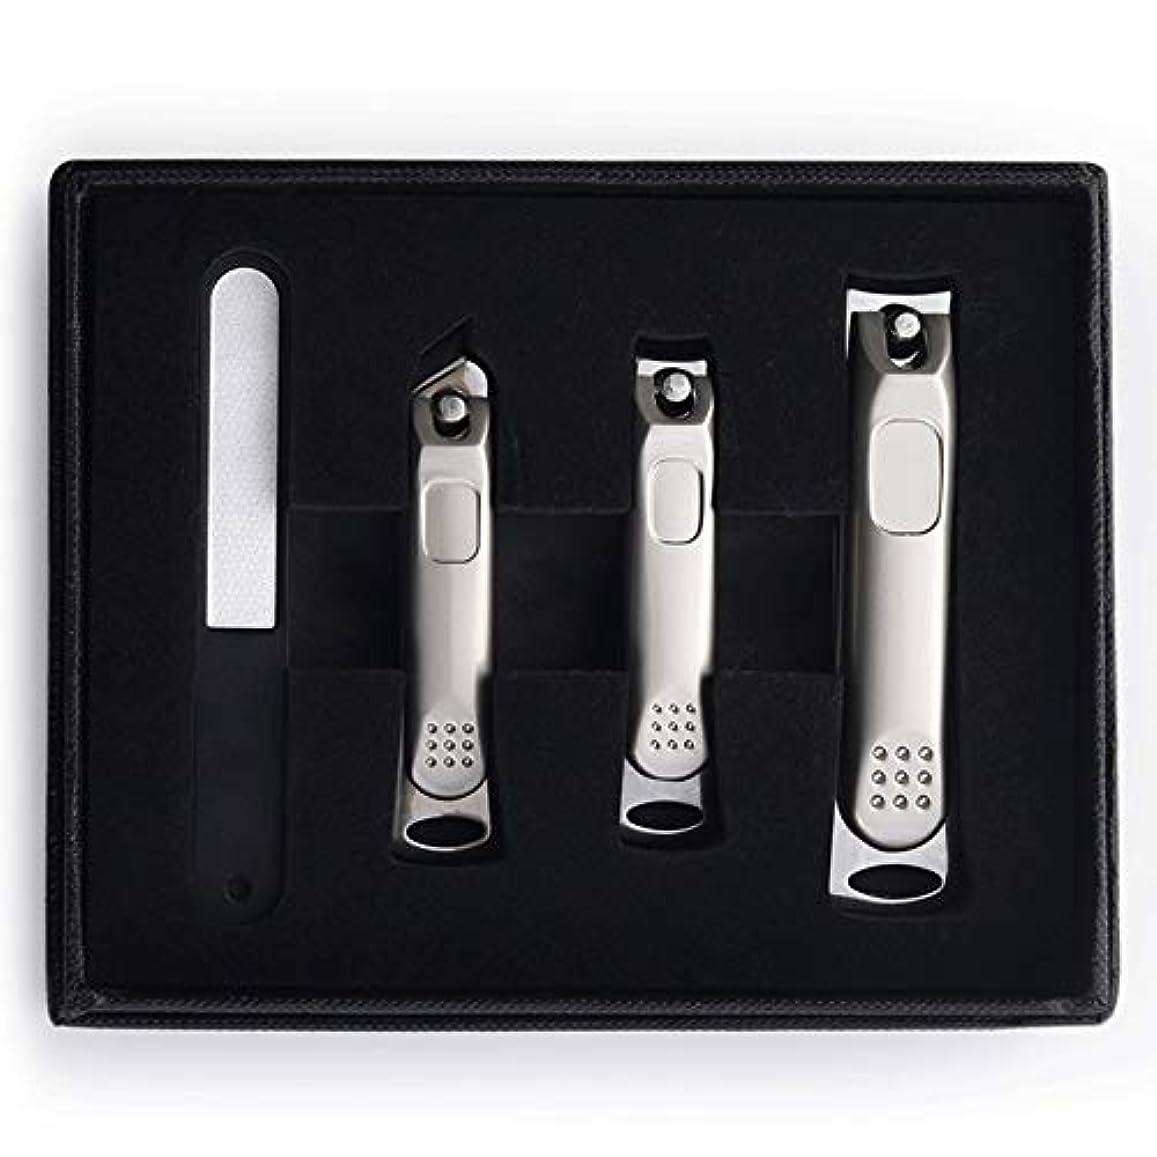 起きろスペクトラムスパークネイルクリッパーセットポータブル家庭用輸入ステンレス鋼トリムネイルクリッパーツール指の爪&足指の爪切り Blingstars (Color : Silver)